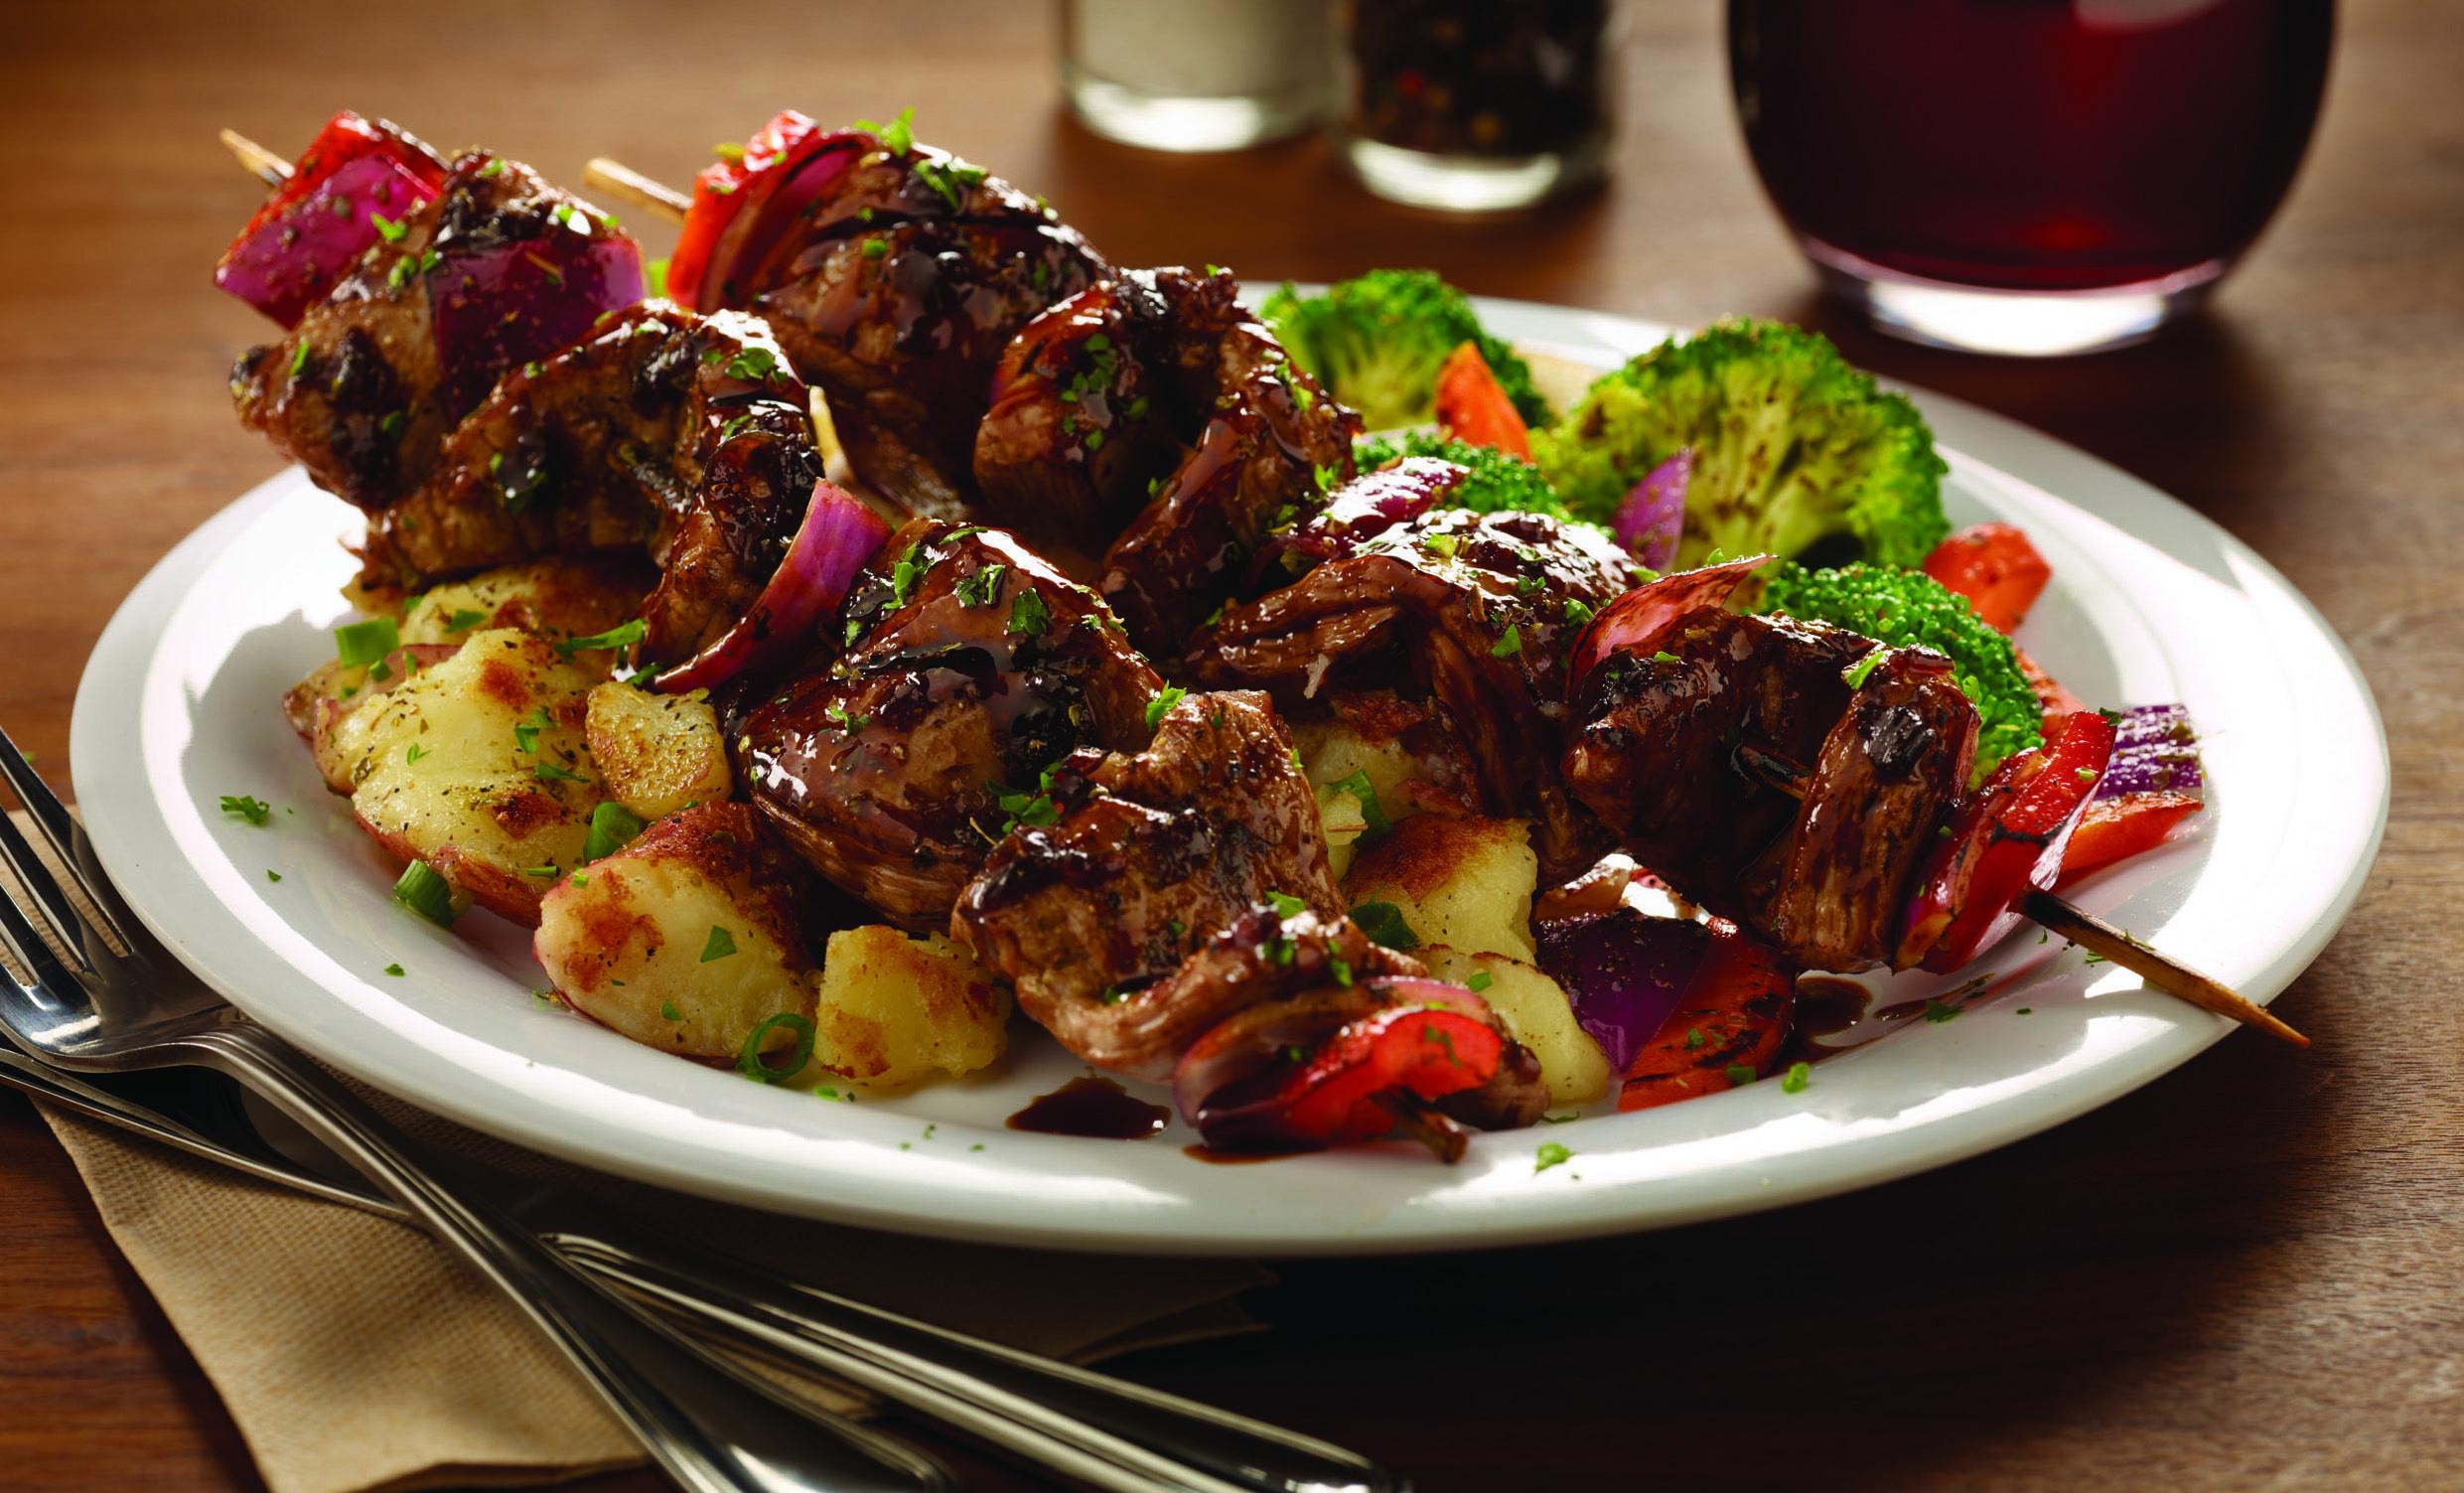 Zoe S Kitchen Best Steak Kabobs I Ve Ever Had Steak Marinade